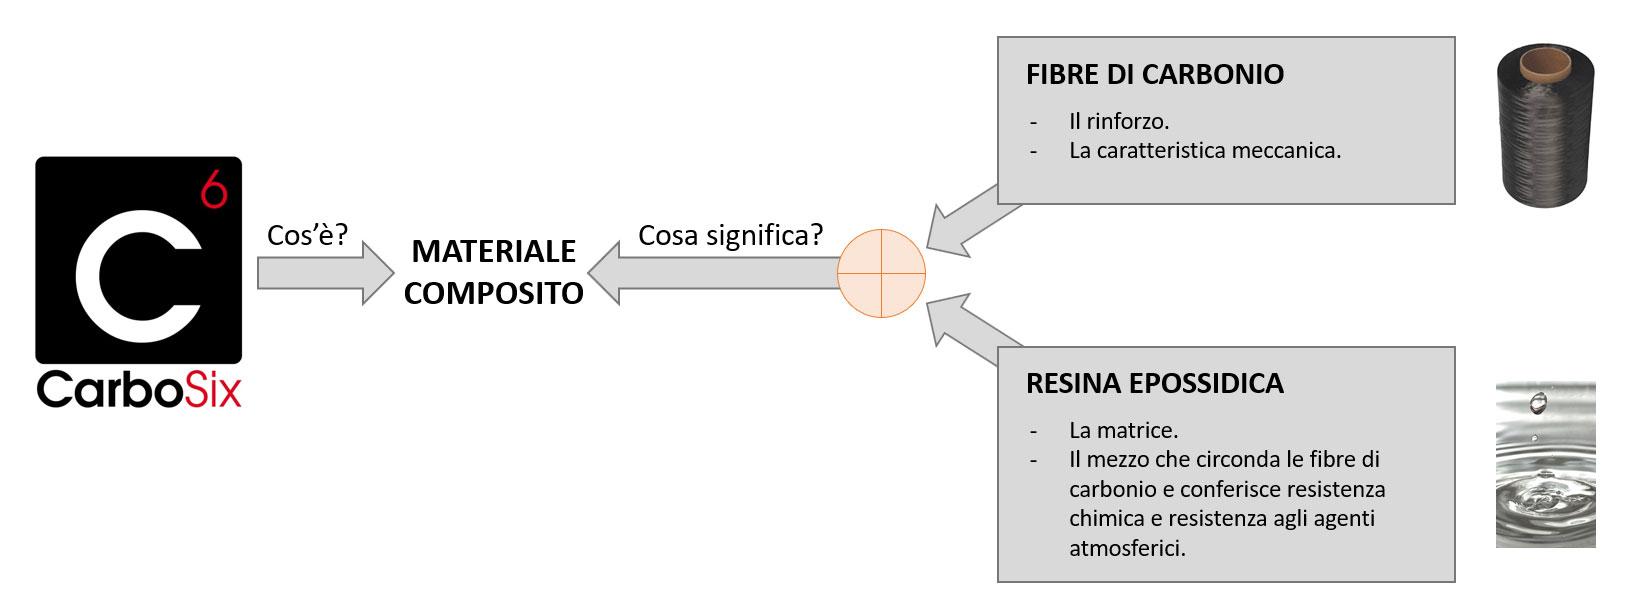 carbosix-realizzazione-profili-in-carbonio-compositi